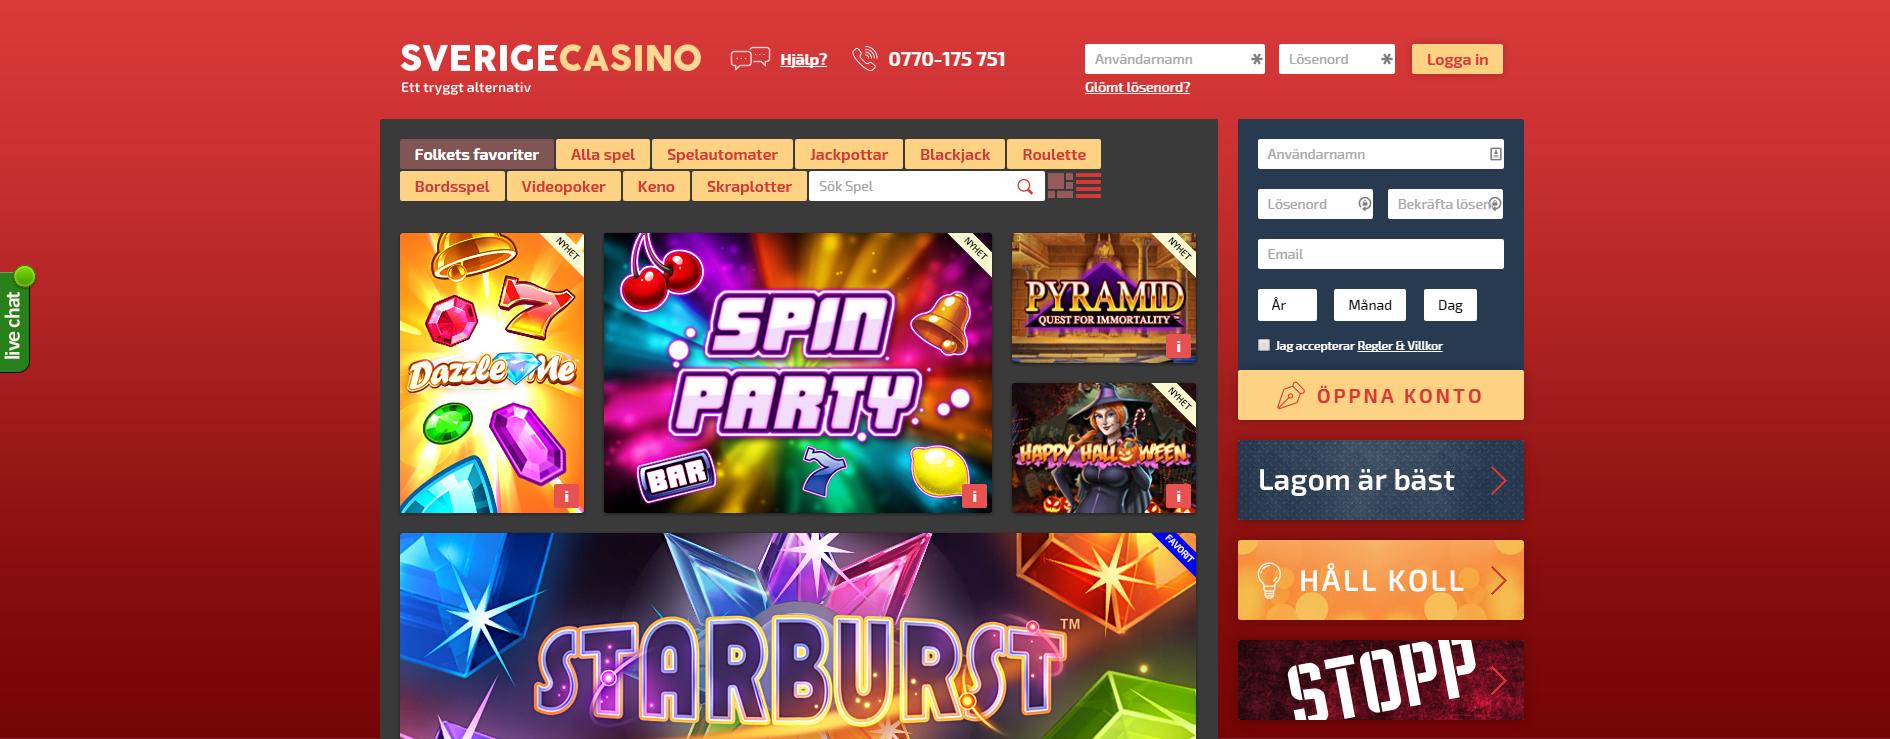 casino mate hidden free spins 2019